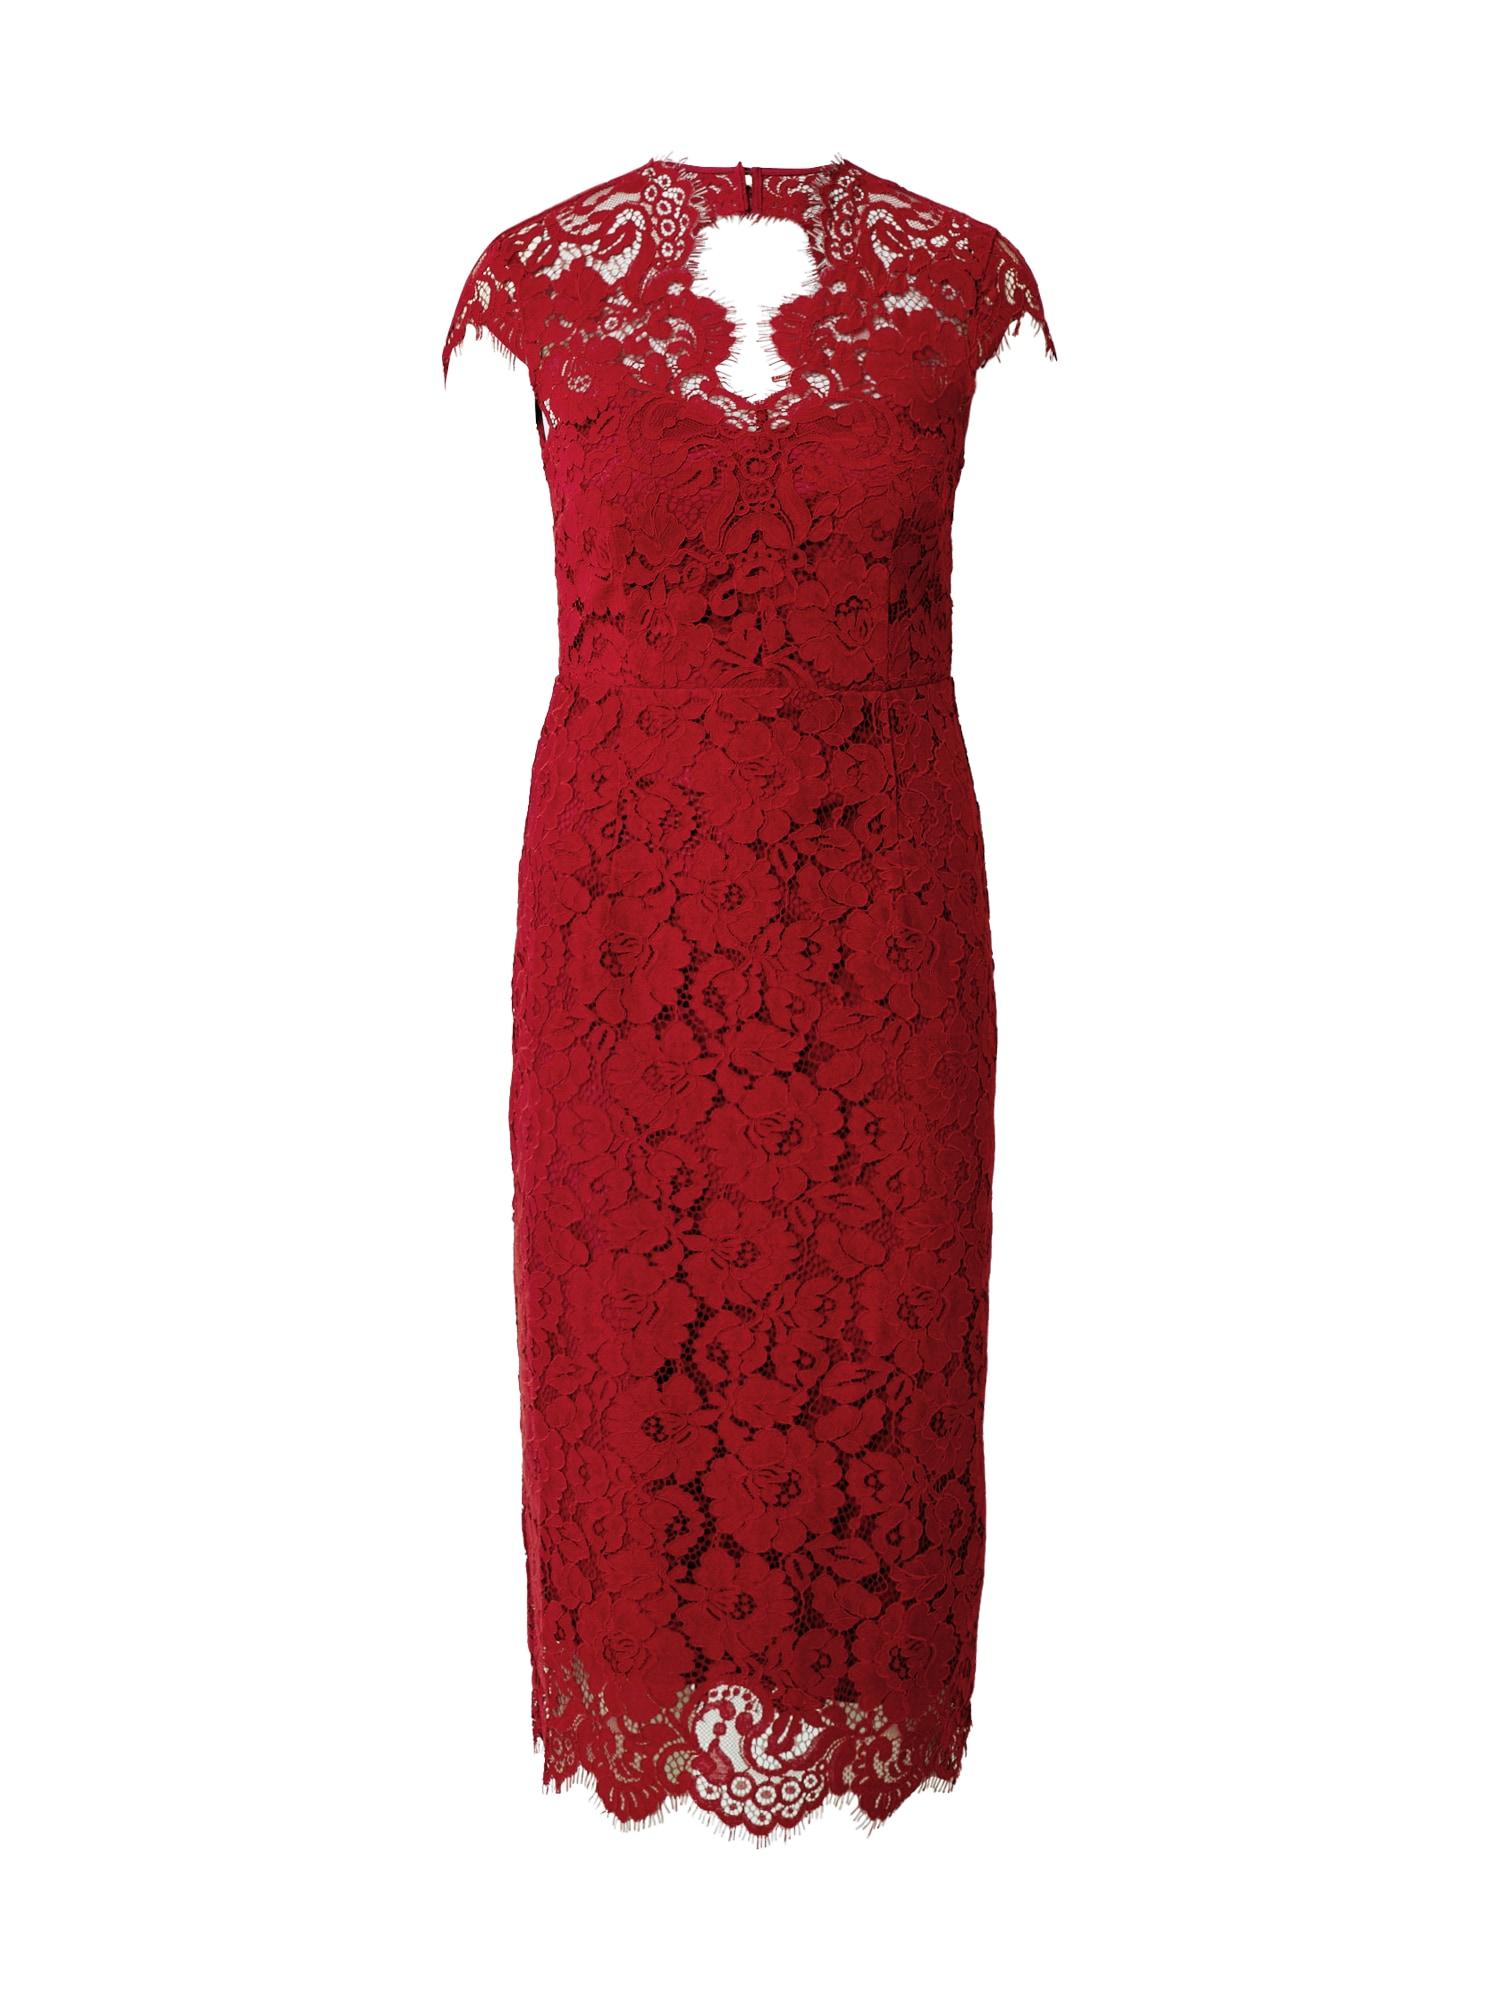 IVY & OAK Suknelė rūdžių raudona